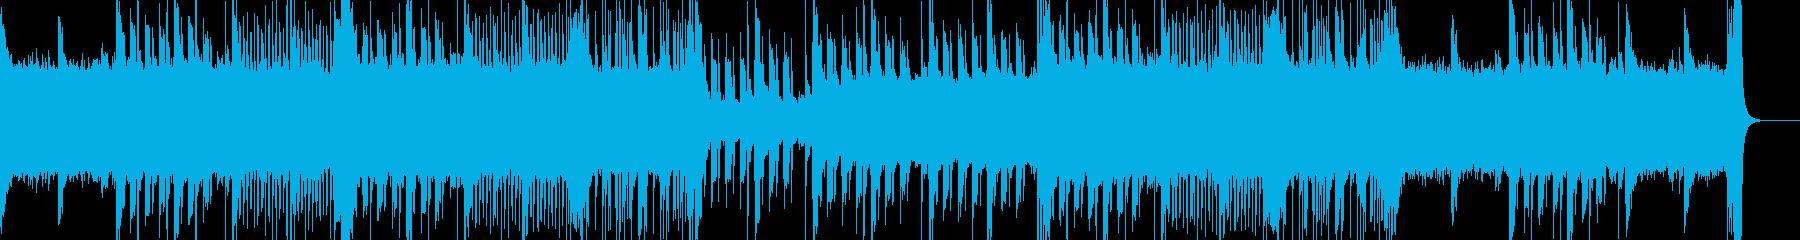 壮大な印象で登場感のあるビートサウンドの再生済みの波形